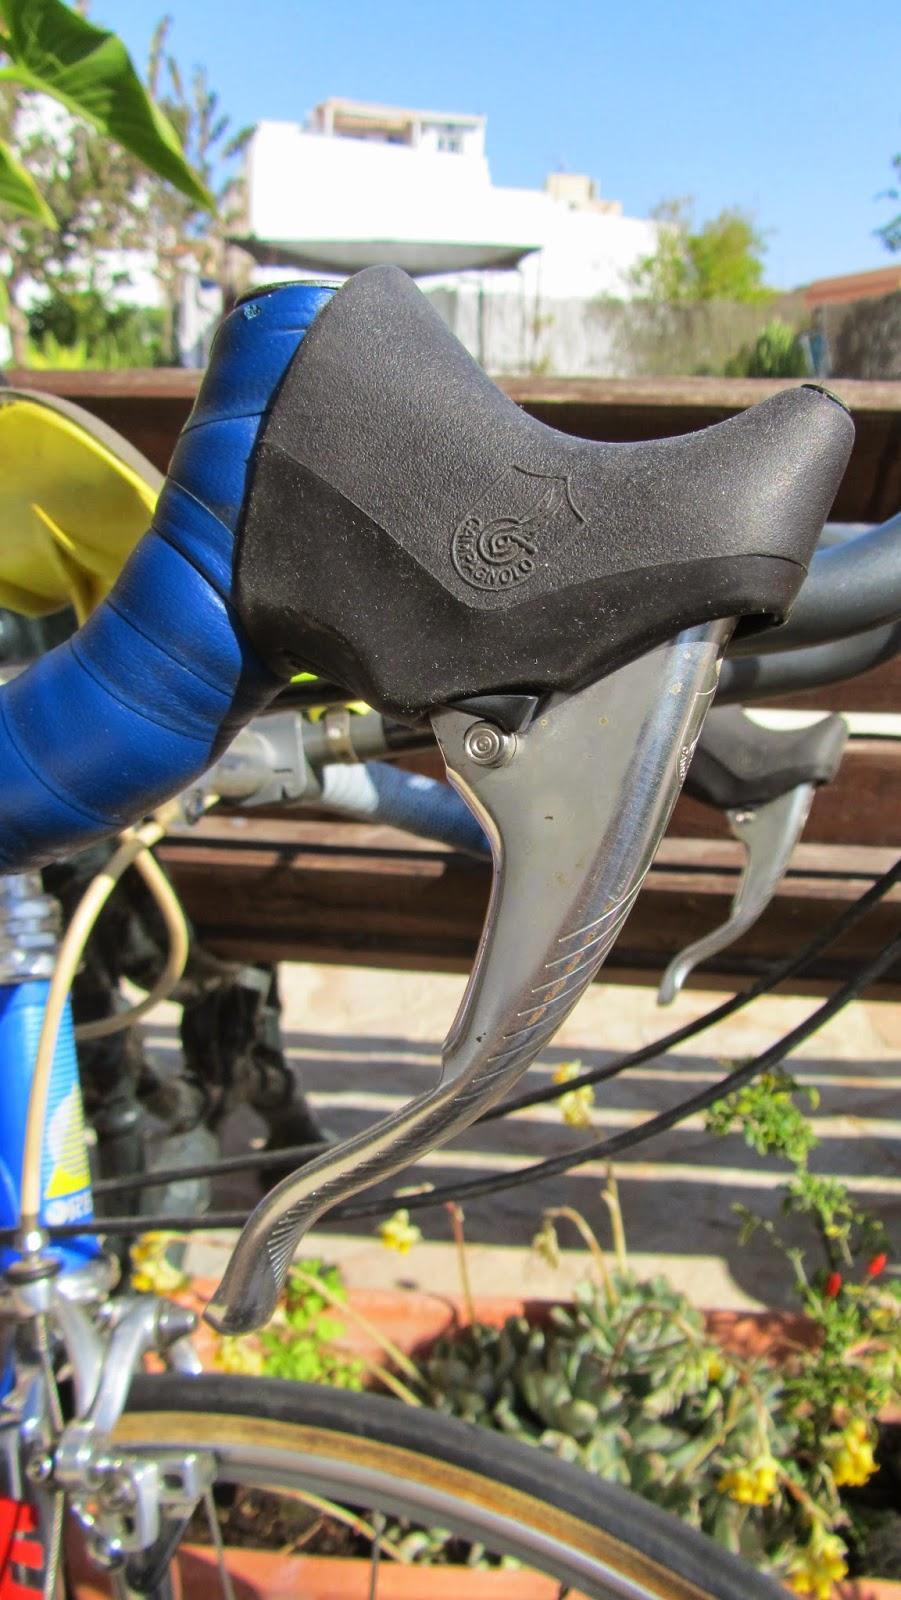 escaladores campagnolo bicicleta orbea contrarreloj